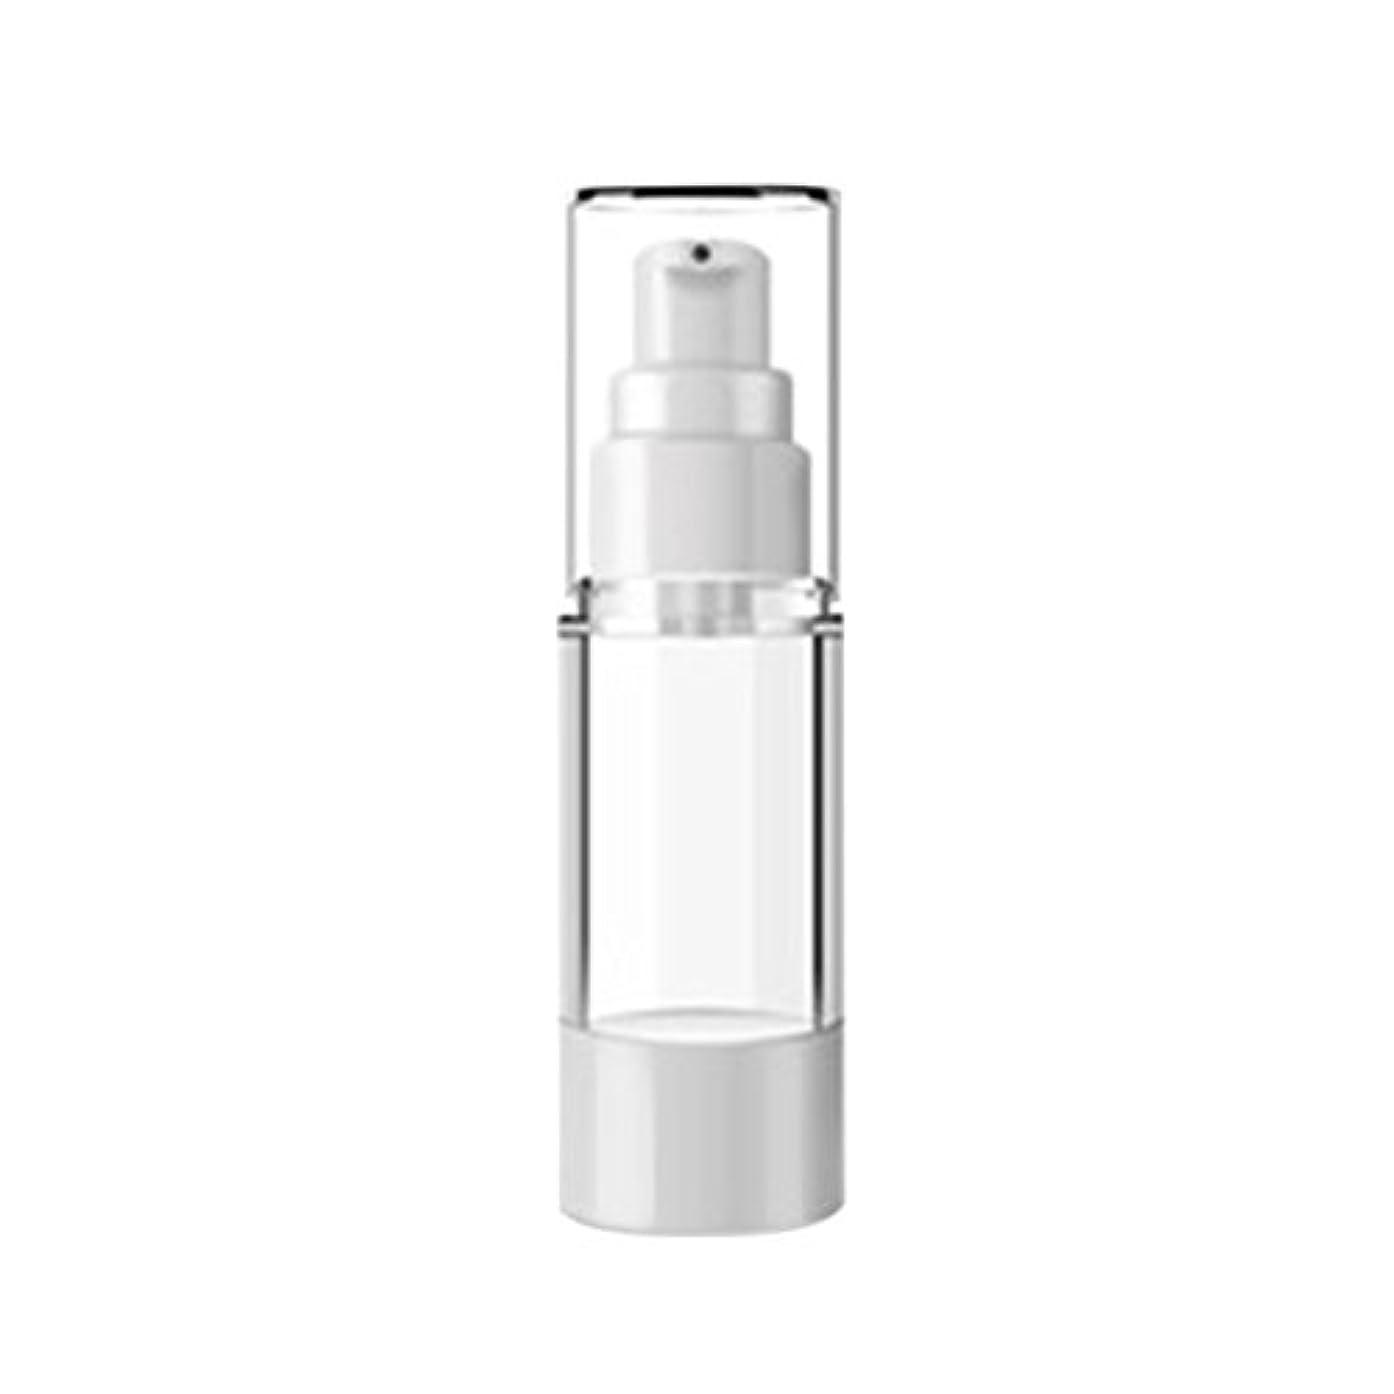 ステーキアルミニウムアートVi.yo 小分けボトル スプレーボトル 押し式詰替用ボトル コスメ用詰替え容器 携帯便利 出張 旅行用品 スタイル1 3本セット 50ml